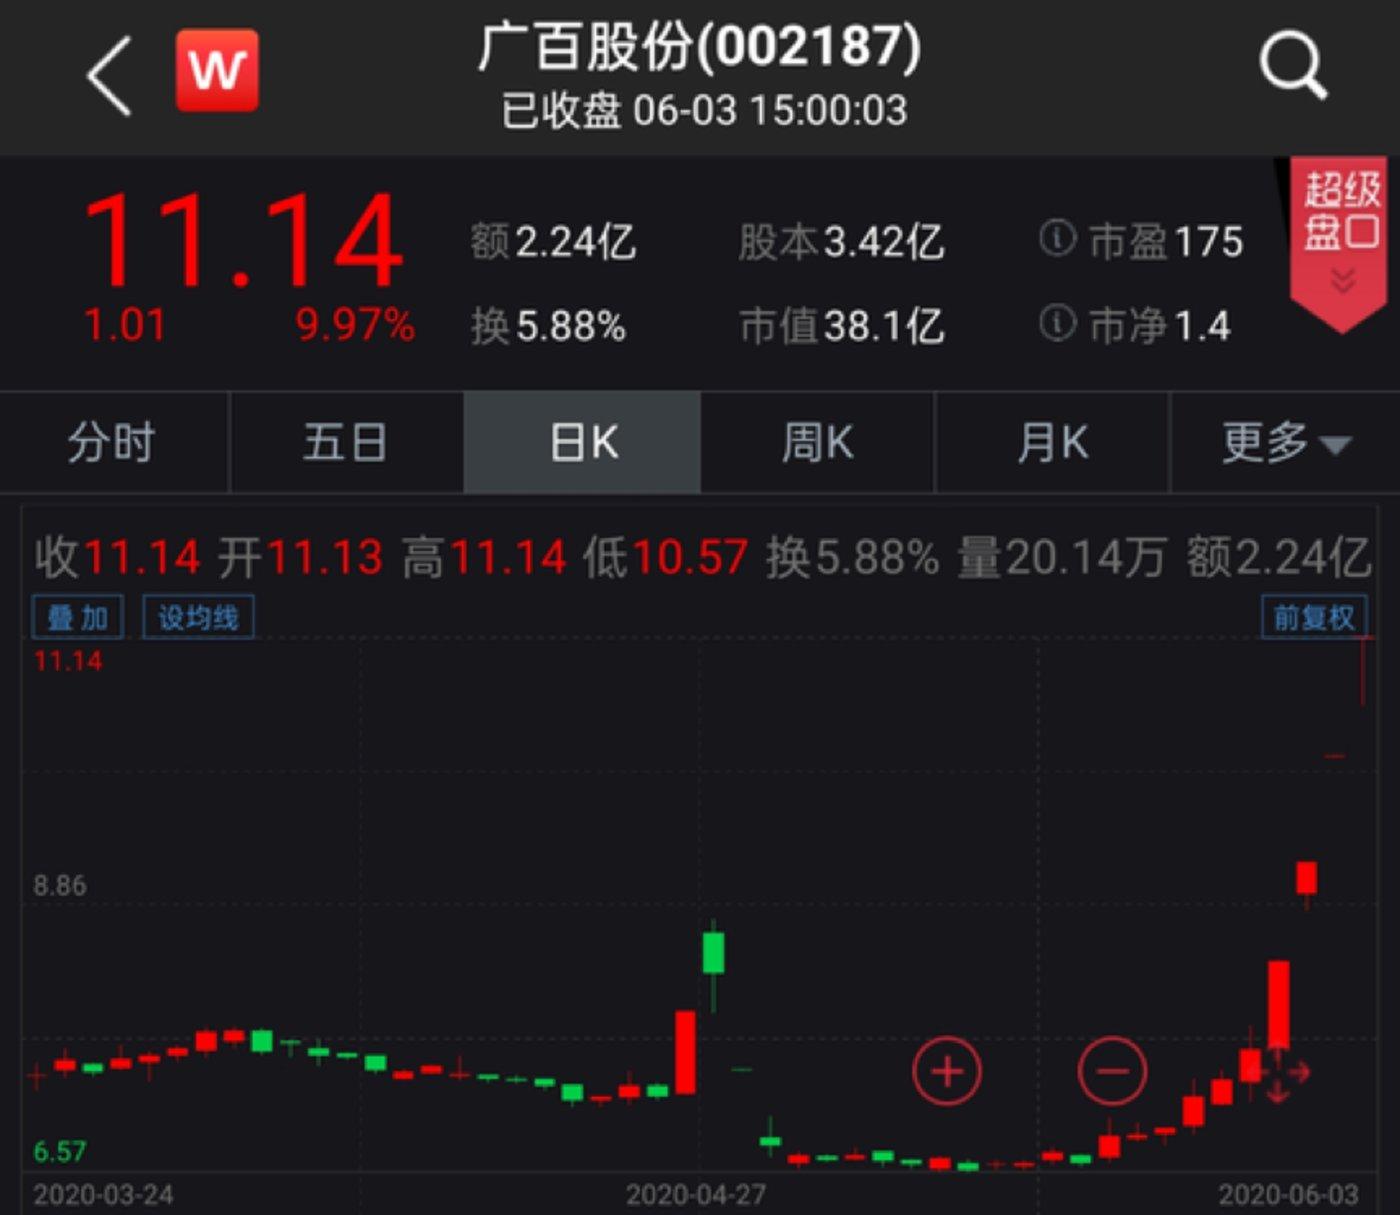 广百股份近4个交易日连续斩获4个涨停,累计涨幅超过46%